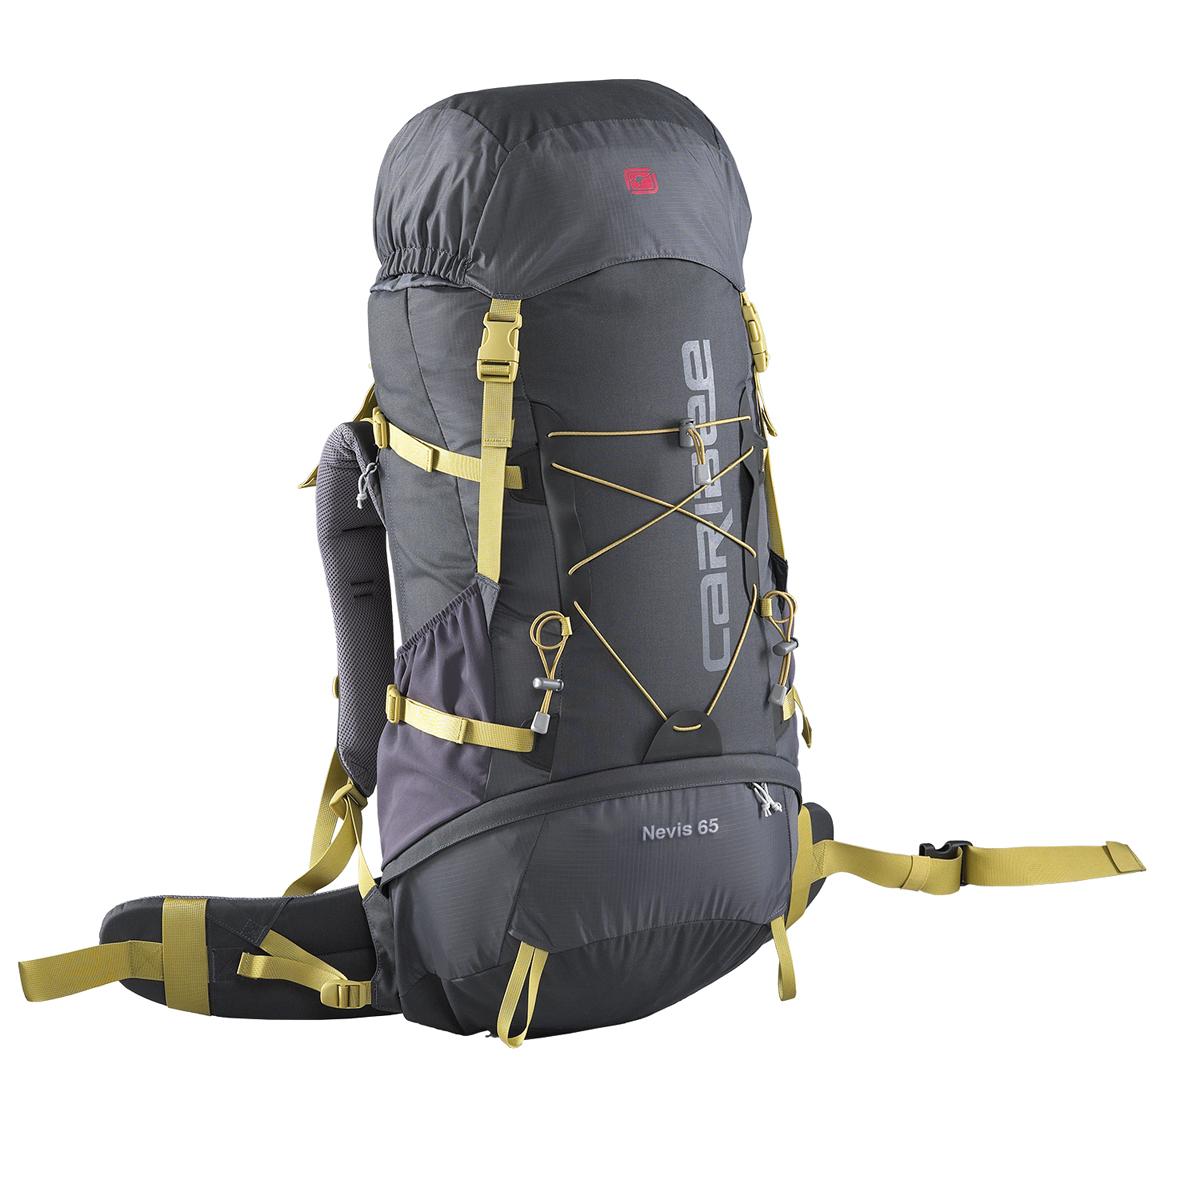 Рюкзак туристический Caribee Nevis, цвет: темно-серый, 65 л13523-456-00С рюкзаком Caribee Nevis вам под силу любой экстрим! Его высокое качество гарантирует надежность и сохранность всех вещей даже на большой высоте. Модель имеет полиуретановое покрытие и выполнена из нейлоновых тканей 500D Cordura и 210D Square Ripstop, благодаря чему рюкзак обладает высокими характеристиками для эксплуатации. Несмотря на грубое трение, материал, из которого он изготовлен, остается стойким и не рвется. Даже дождь не способен испортить его качество, так как модель не впитывает влагу. Снег, град, солнце, тепло, холод – ничто не может испортить содержимое рюкзака и его внешний вид. Пользуясь им, вы почувствуете всю прелесть экстремальных экспедиций! Характеристики: -Суперлегкая конструкция и дизайн. -Система спинки Air Flow обеспечивает комфортную посадку. -Встроенный алюминиевый каркас. -Вентилируемая спинка и поясной ремень. -Мягкий набедренный ремень с карманами на молнии. -Регулируемый по высоте верхний клапан на молнии. -Карман для карты. -Компрессионные стропы. -Боковые карманы для бутылок. -Встроенный чехол от дождя. -Отсек первой помощи. -Отделение для питьевой системы. Объем: 65 л. Размер: 80 х 32 x 25 см.